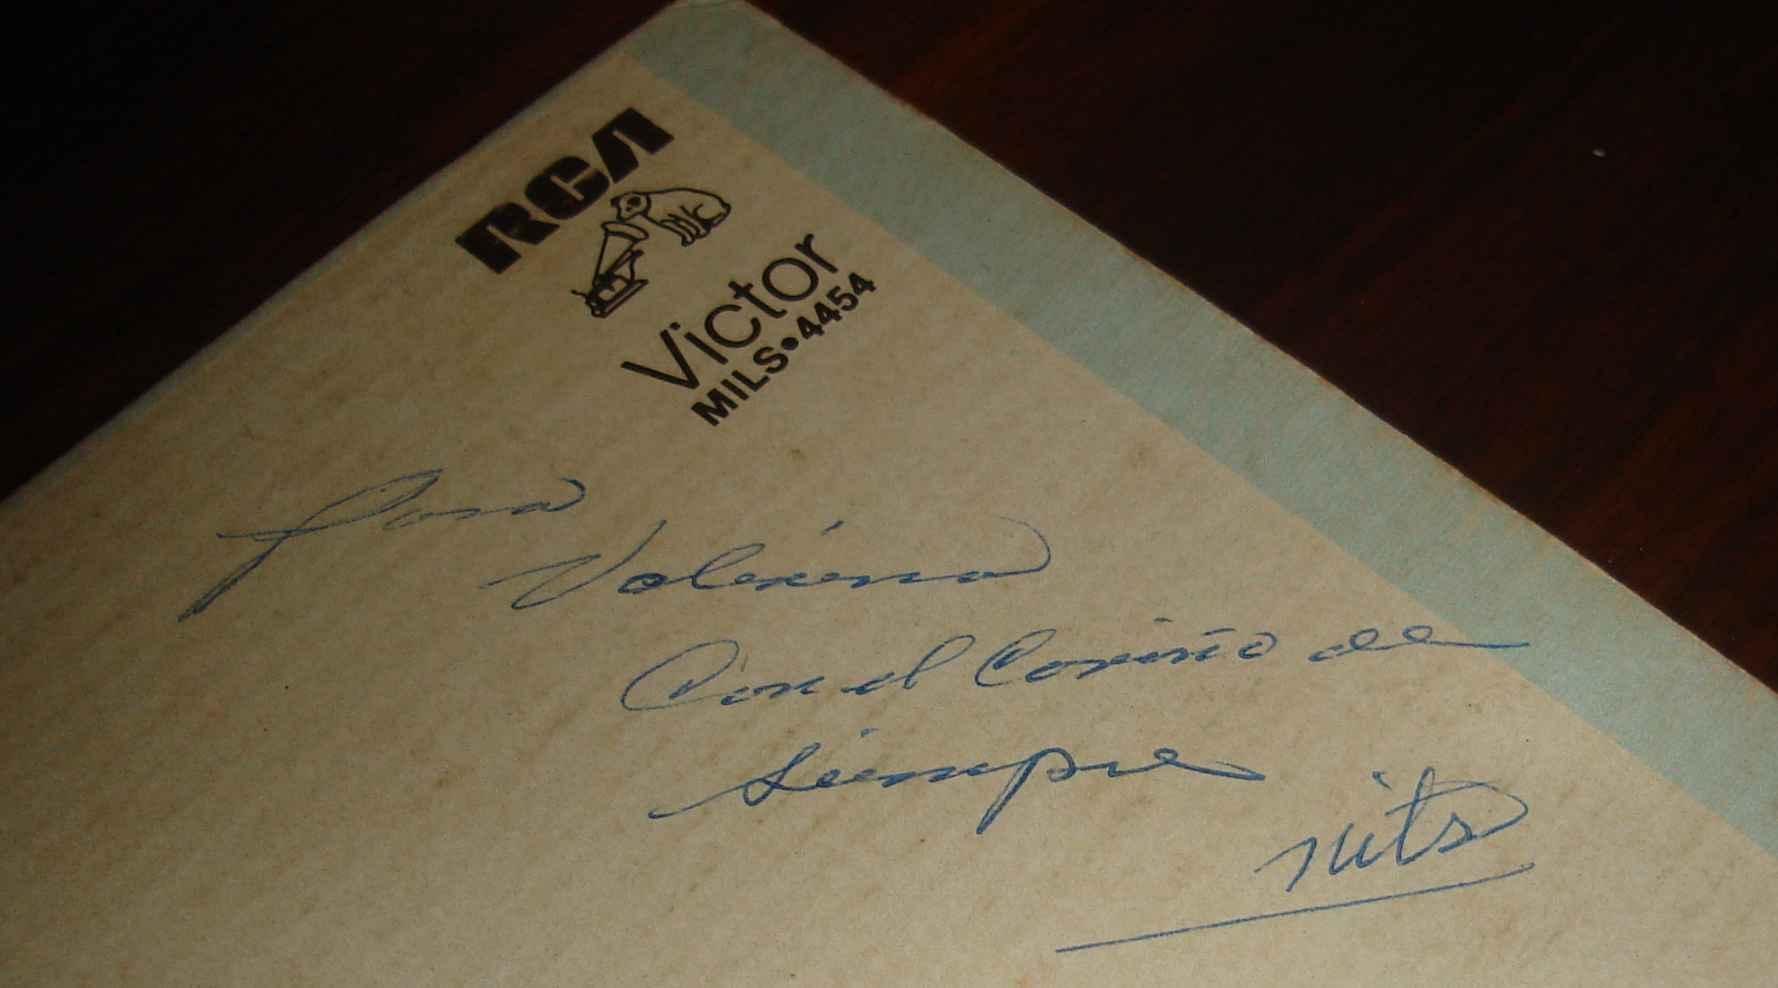 Senora inscription